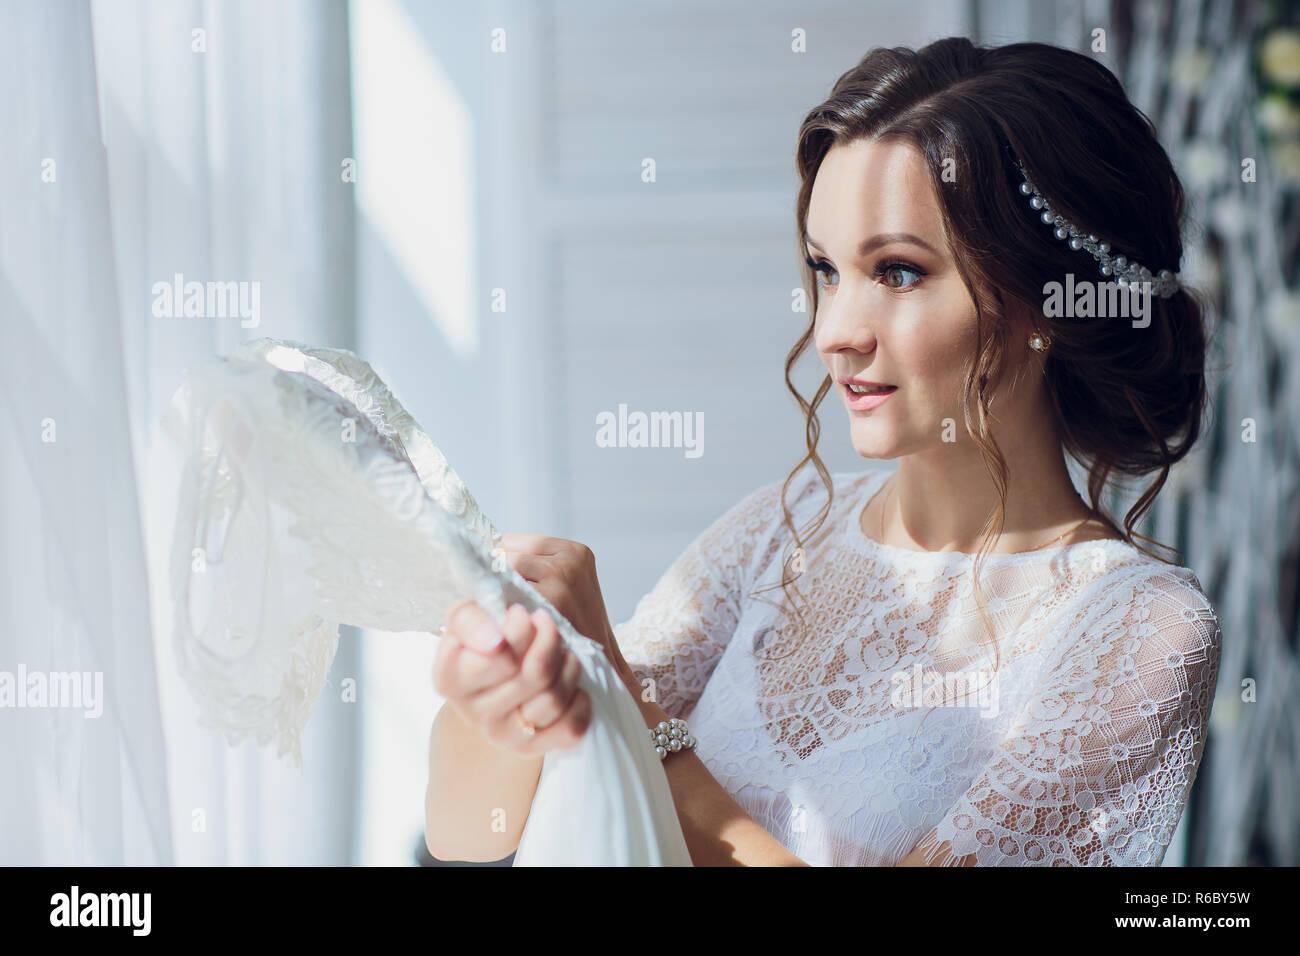 70cf216b6175 Bella bruna sposa in seta vestaglia e lacy velo holding abito da sposa su un  appendiabiti